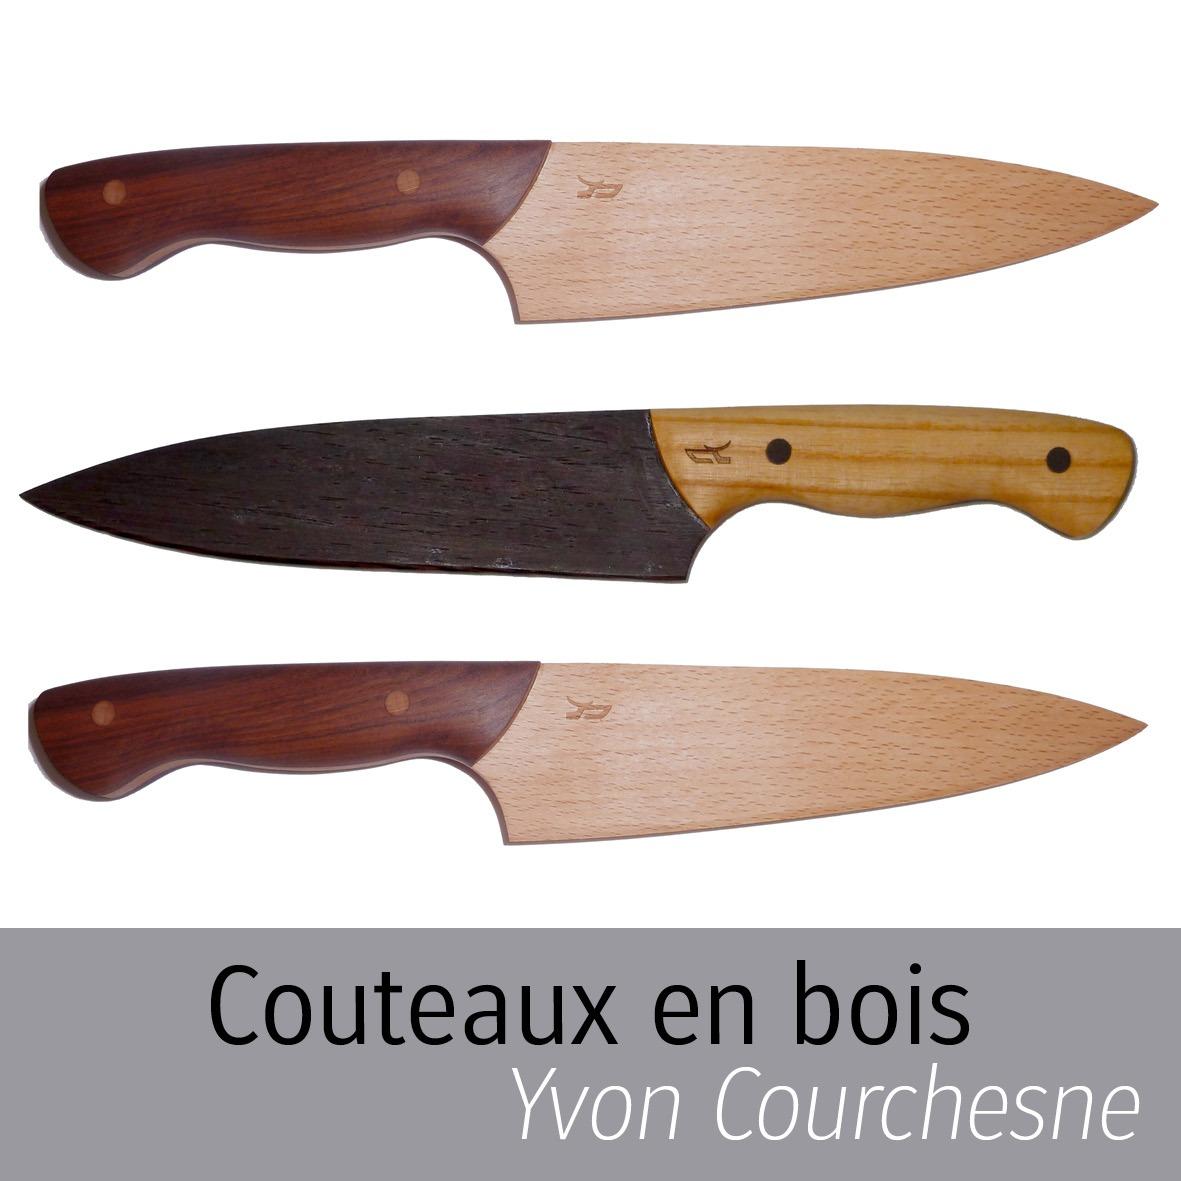 Couteaux en bois Yvon Courchesne